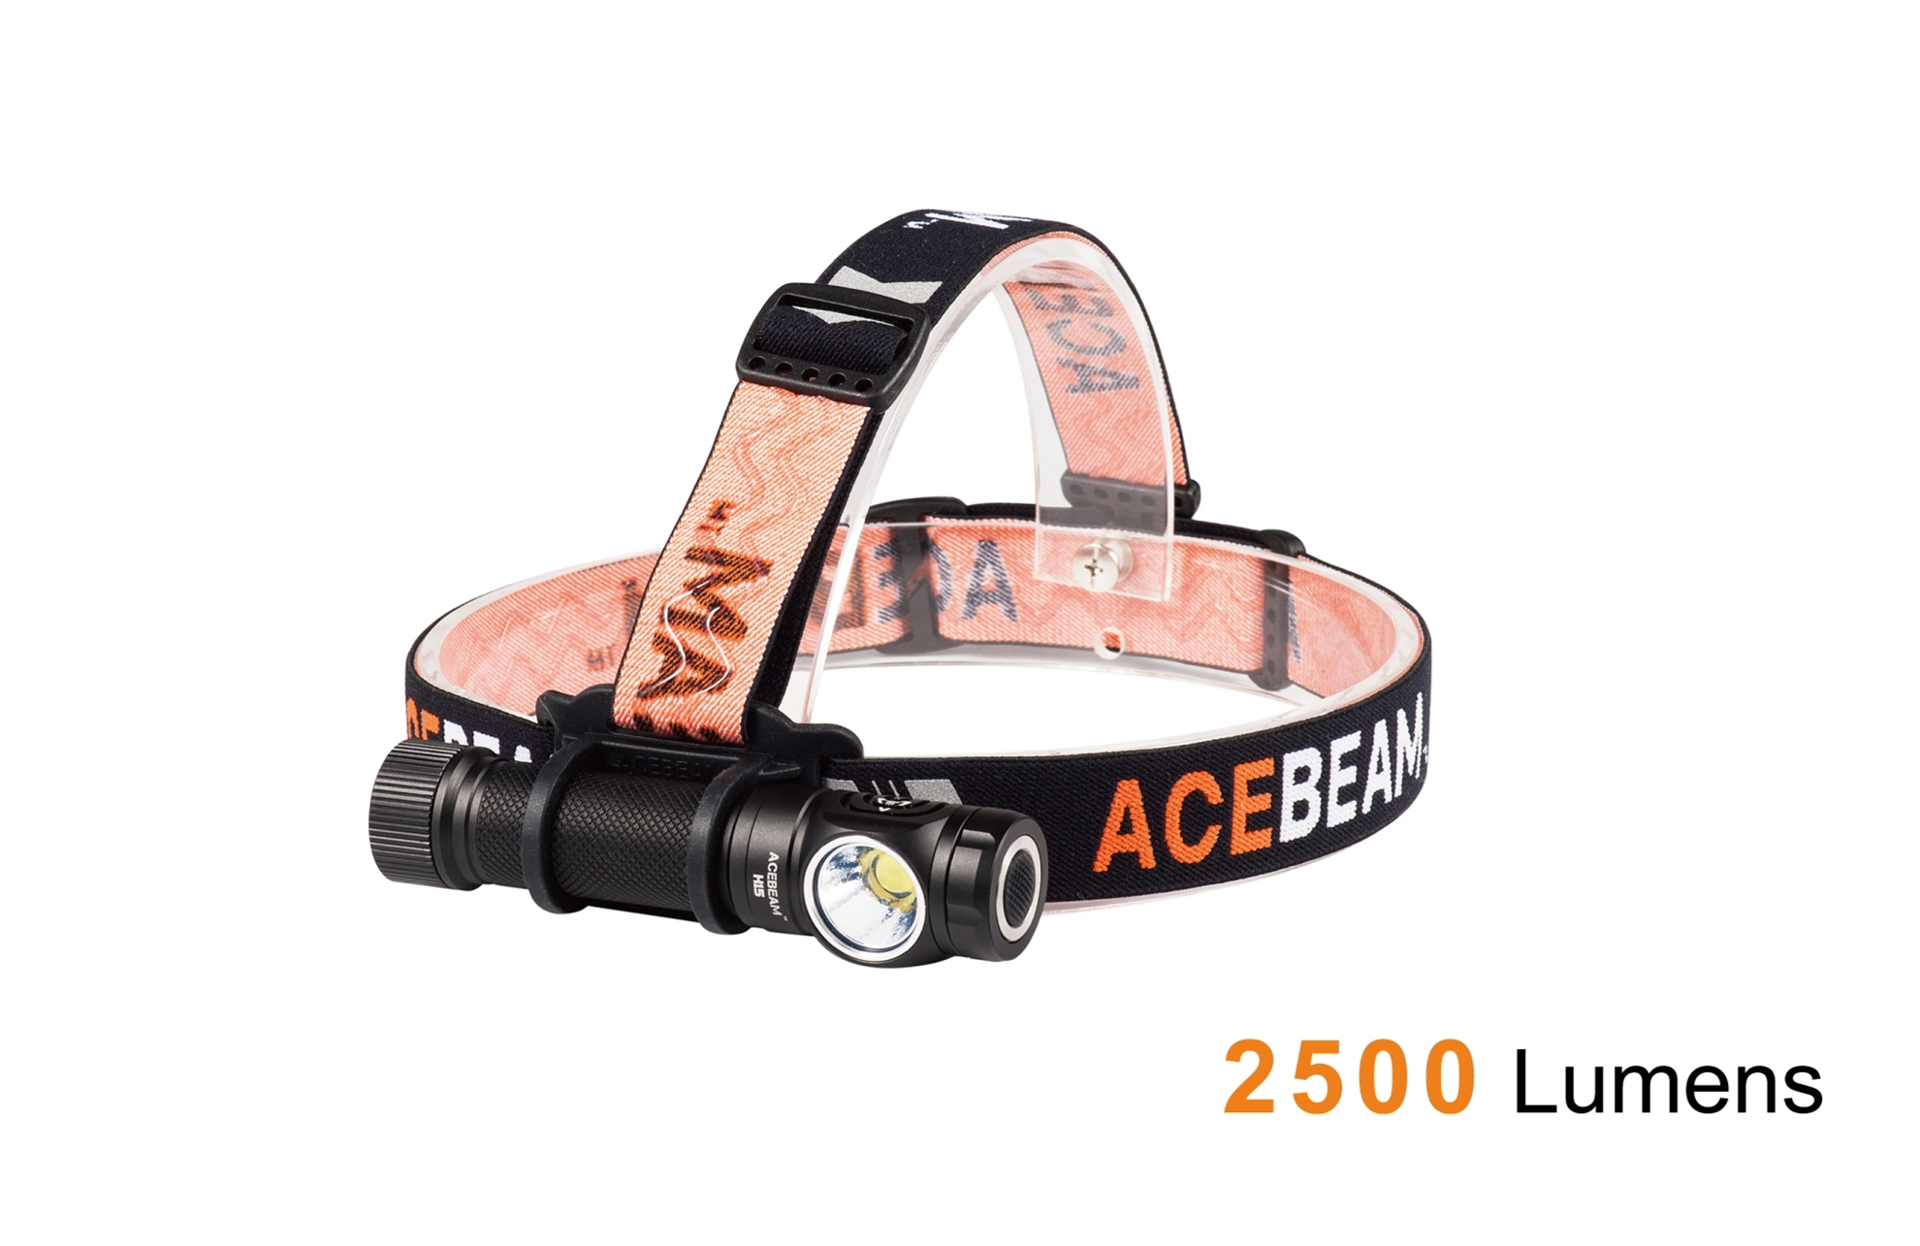 Acebeam LED Headlamp